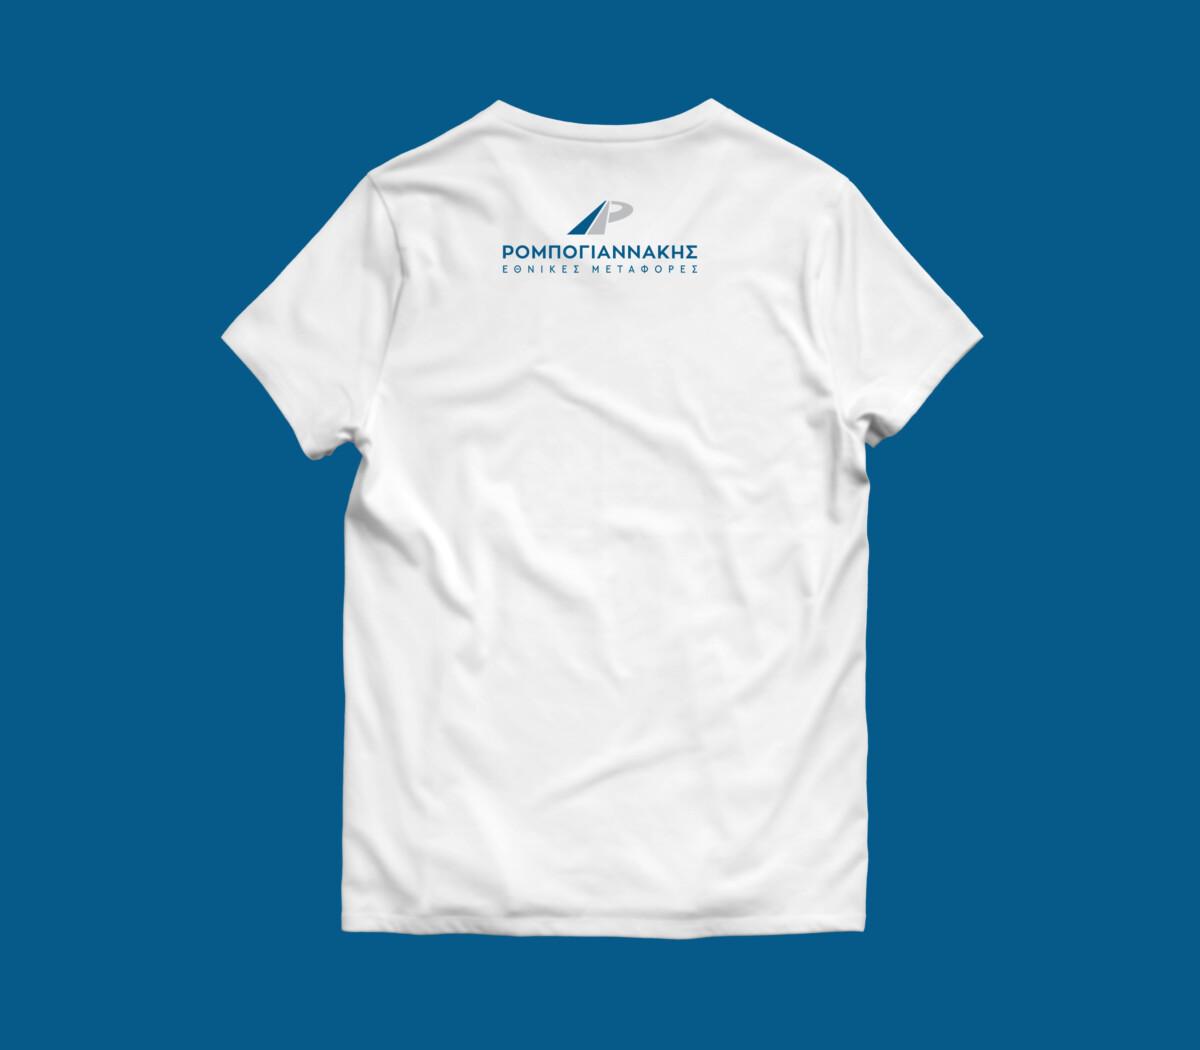 logo-design-robogianakis